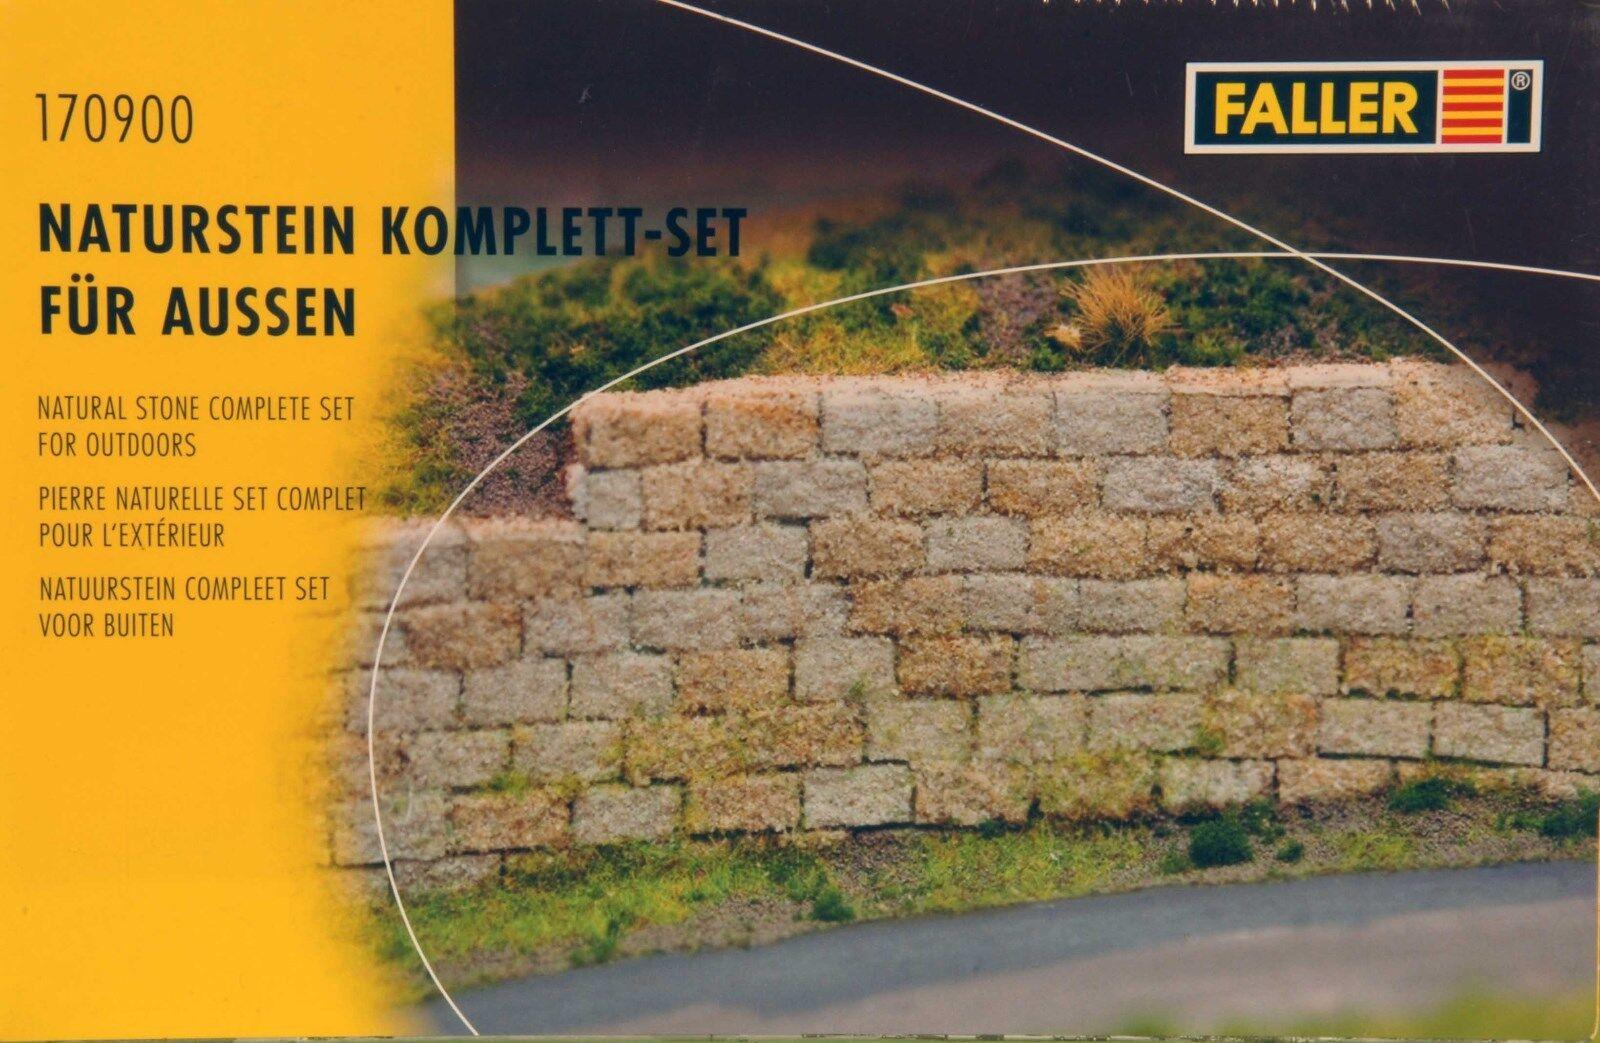 Faller 170900 170900 170900 Bausatz Spur G Naturstein Komplett Set für Außen Neu in OVP  | eine breite Palette von Produkten  045778